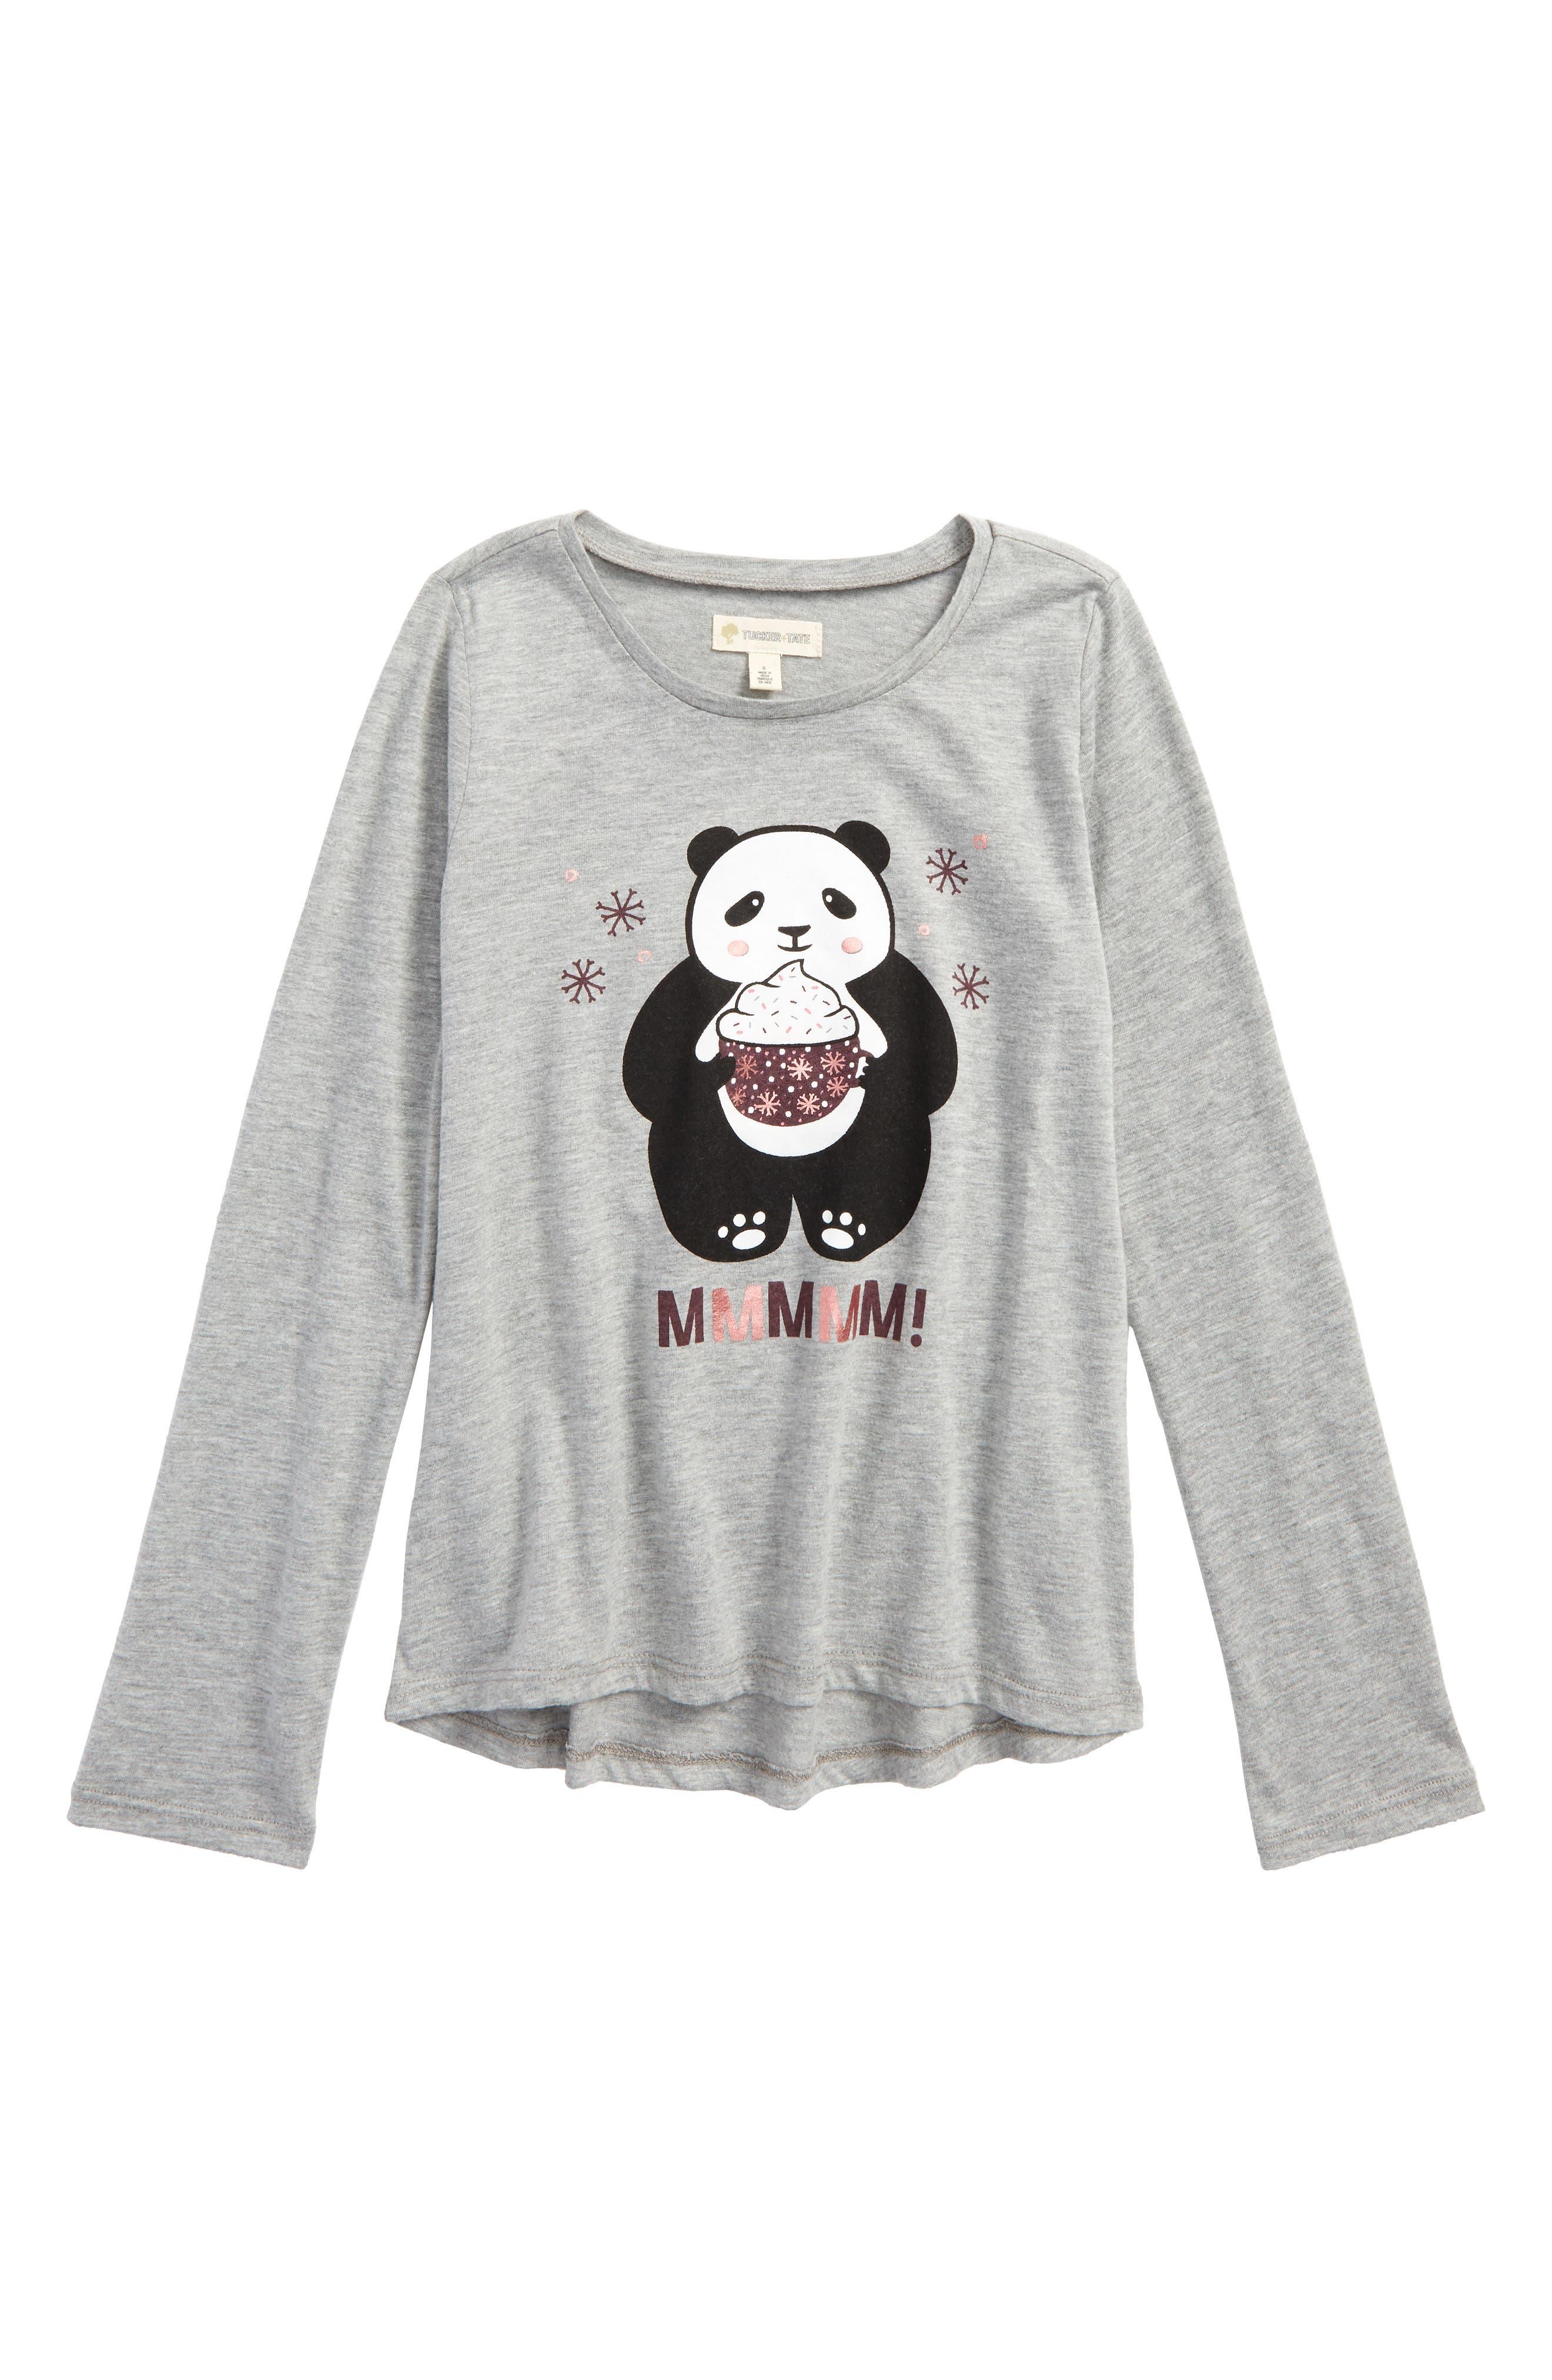 Graphic Tee,                             Main thumbnail 1, color,                             Grey Medium Heather Cute Panda